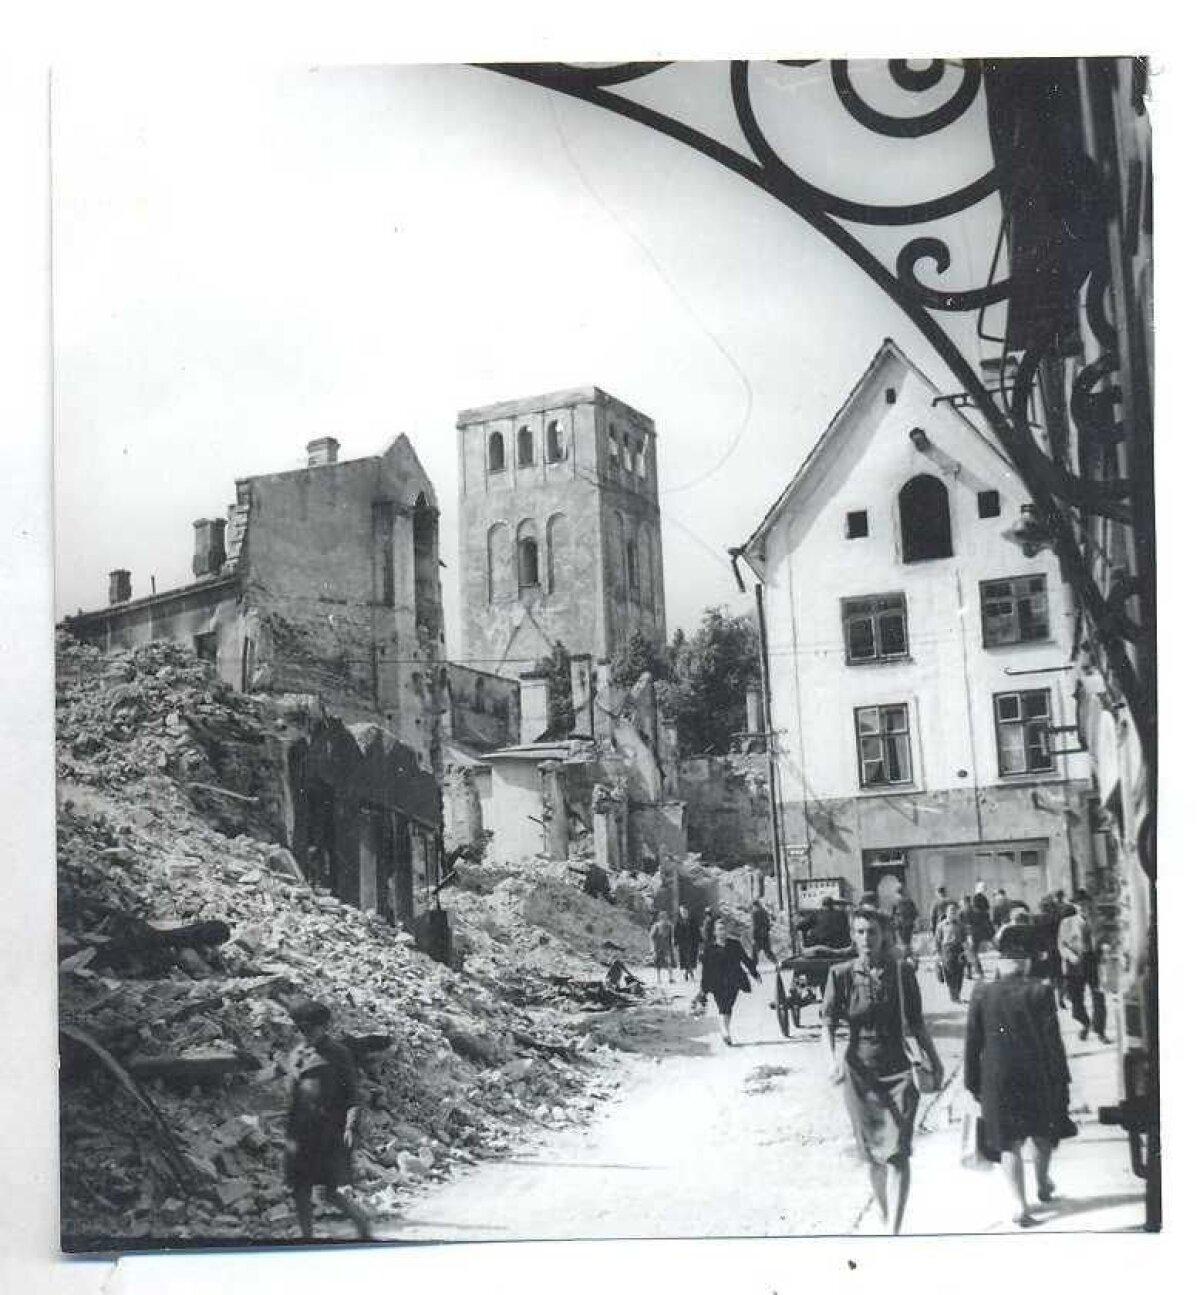 Vaade 1944. aastal Kuninga tänavalt Harju ja Kullassepa tänava ristmikule. Otsevaates maja elas üle pommitamise, aga lammutati 1940. aastate lõpus.